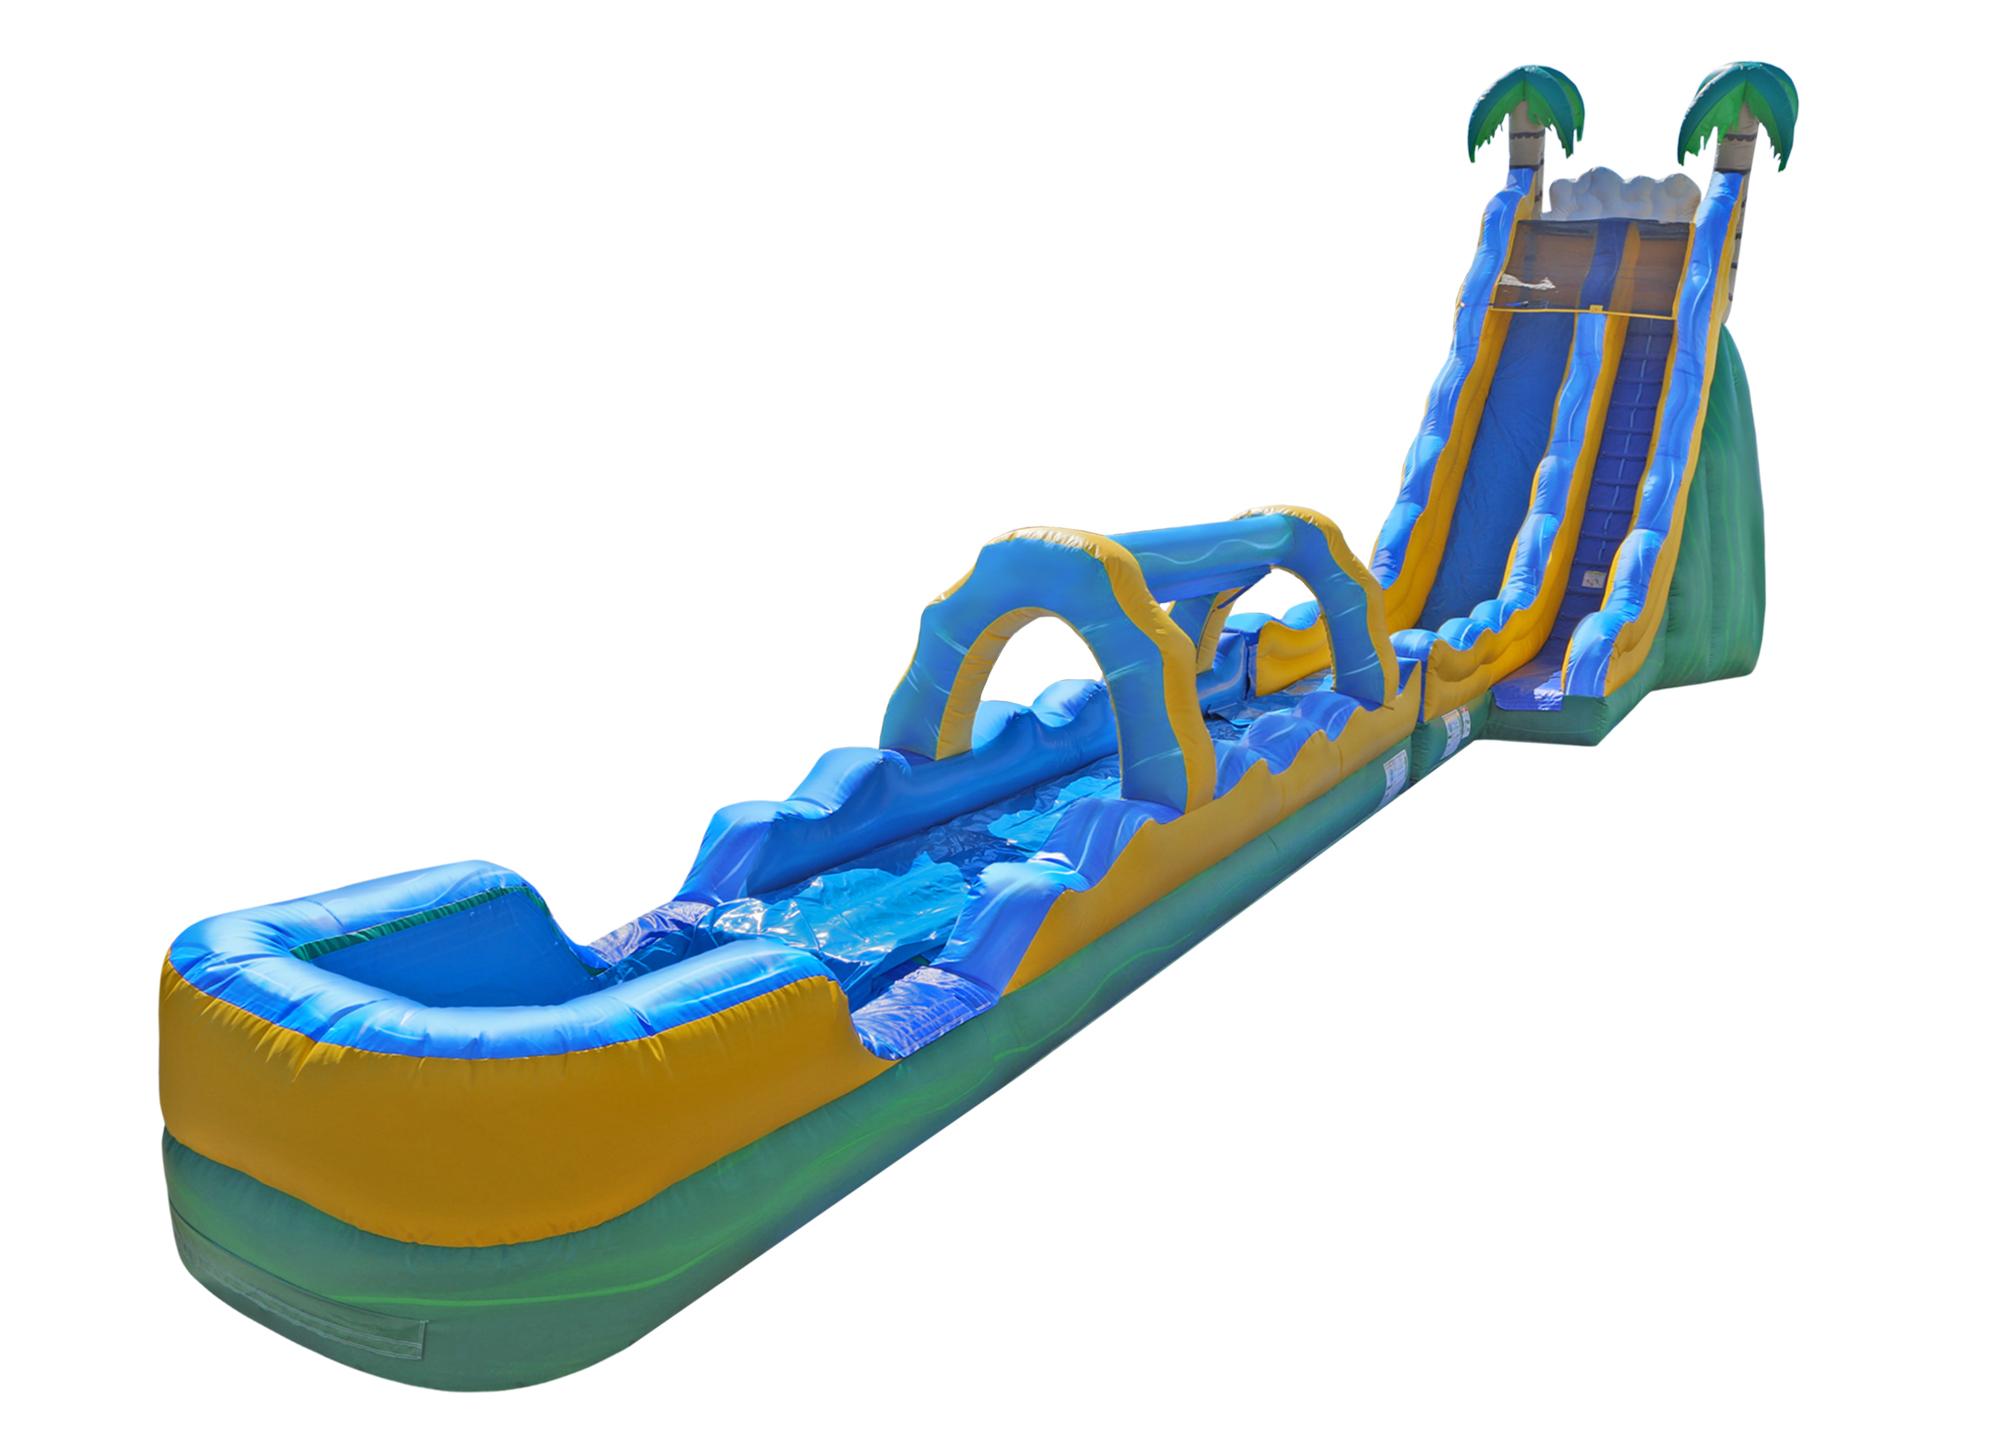 Water Slide Rentals | Buffalo NY, Bouncing On Air LLC | Buffalo, New York